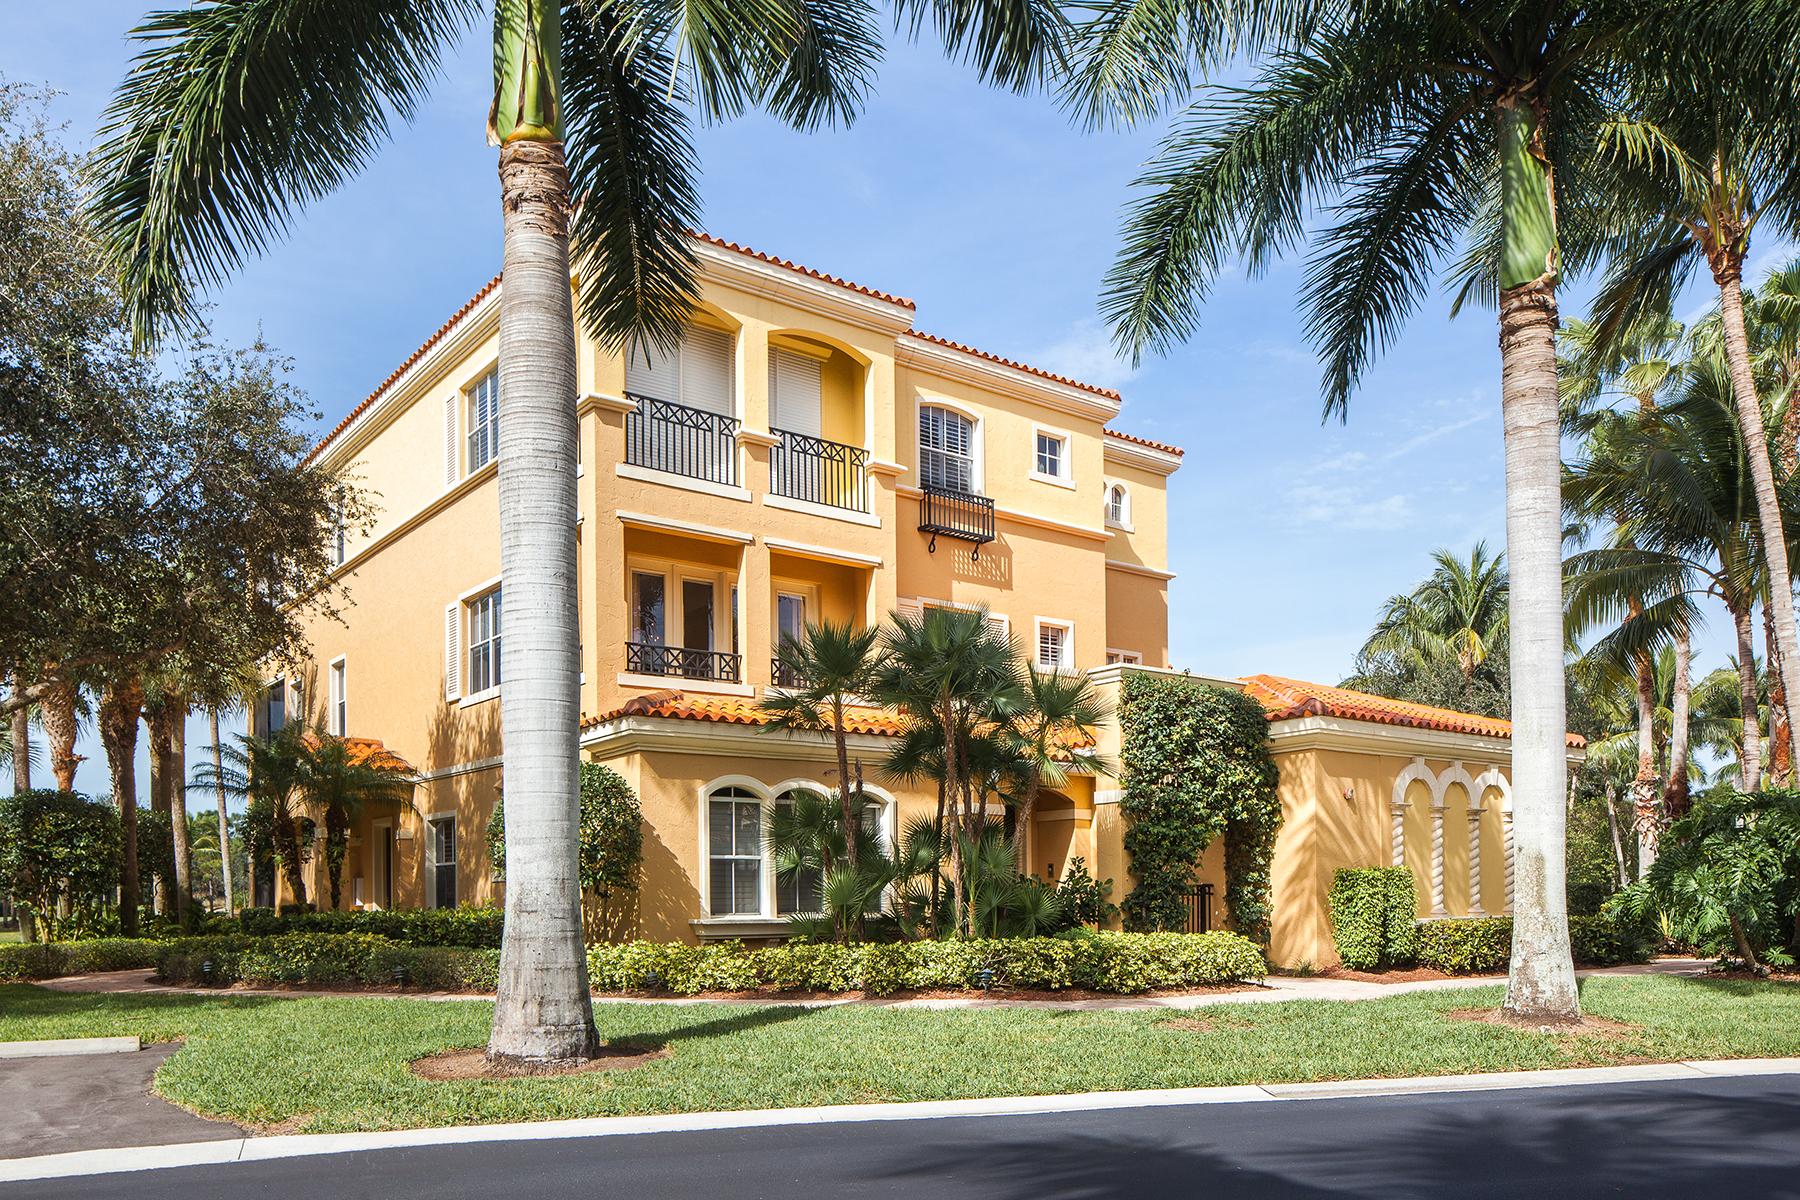 Кооперативная квартира для того Продажа на TIBURON 2625 Estrella Ct 1502 Naples, Флорида, 34109 Соединенные Штаты